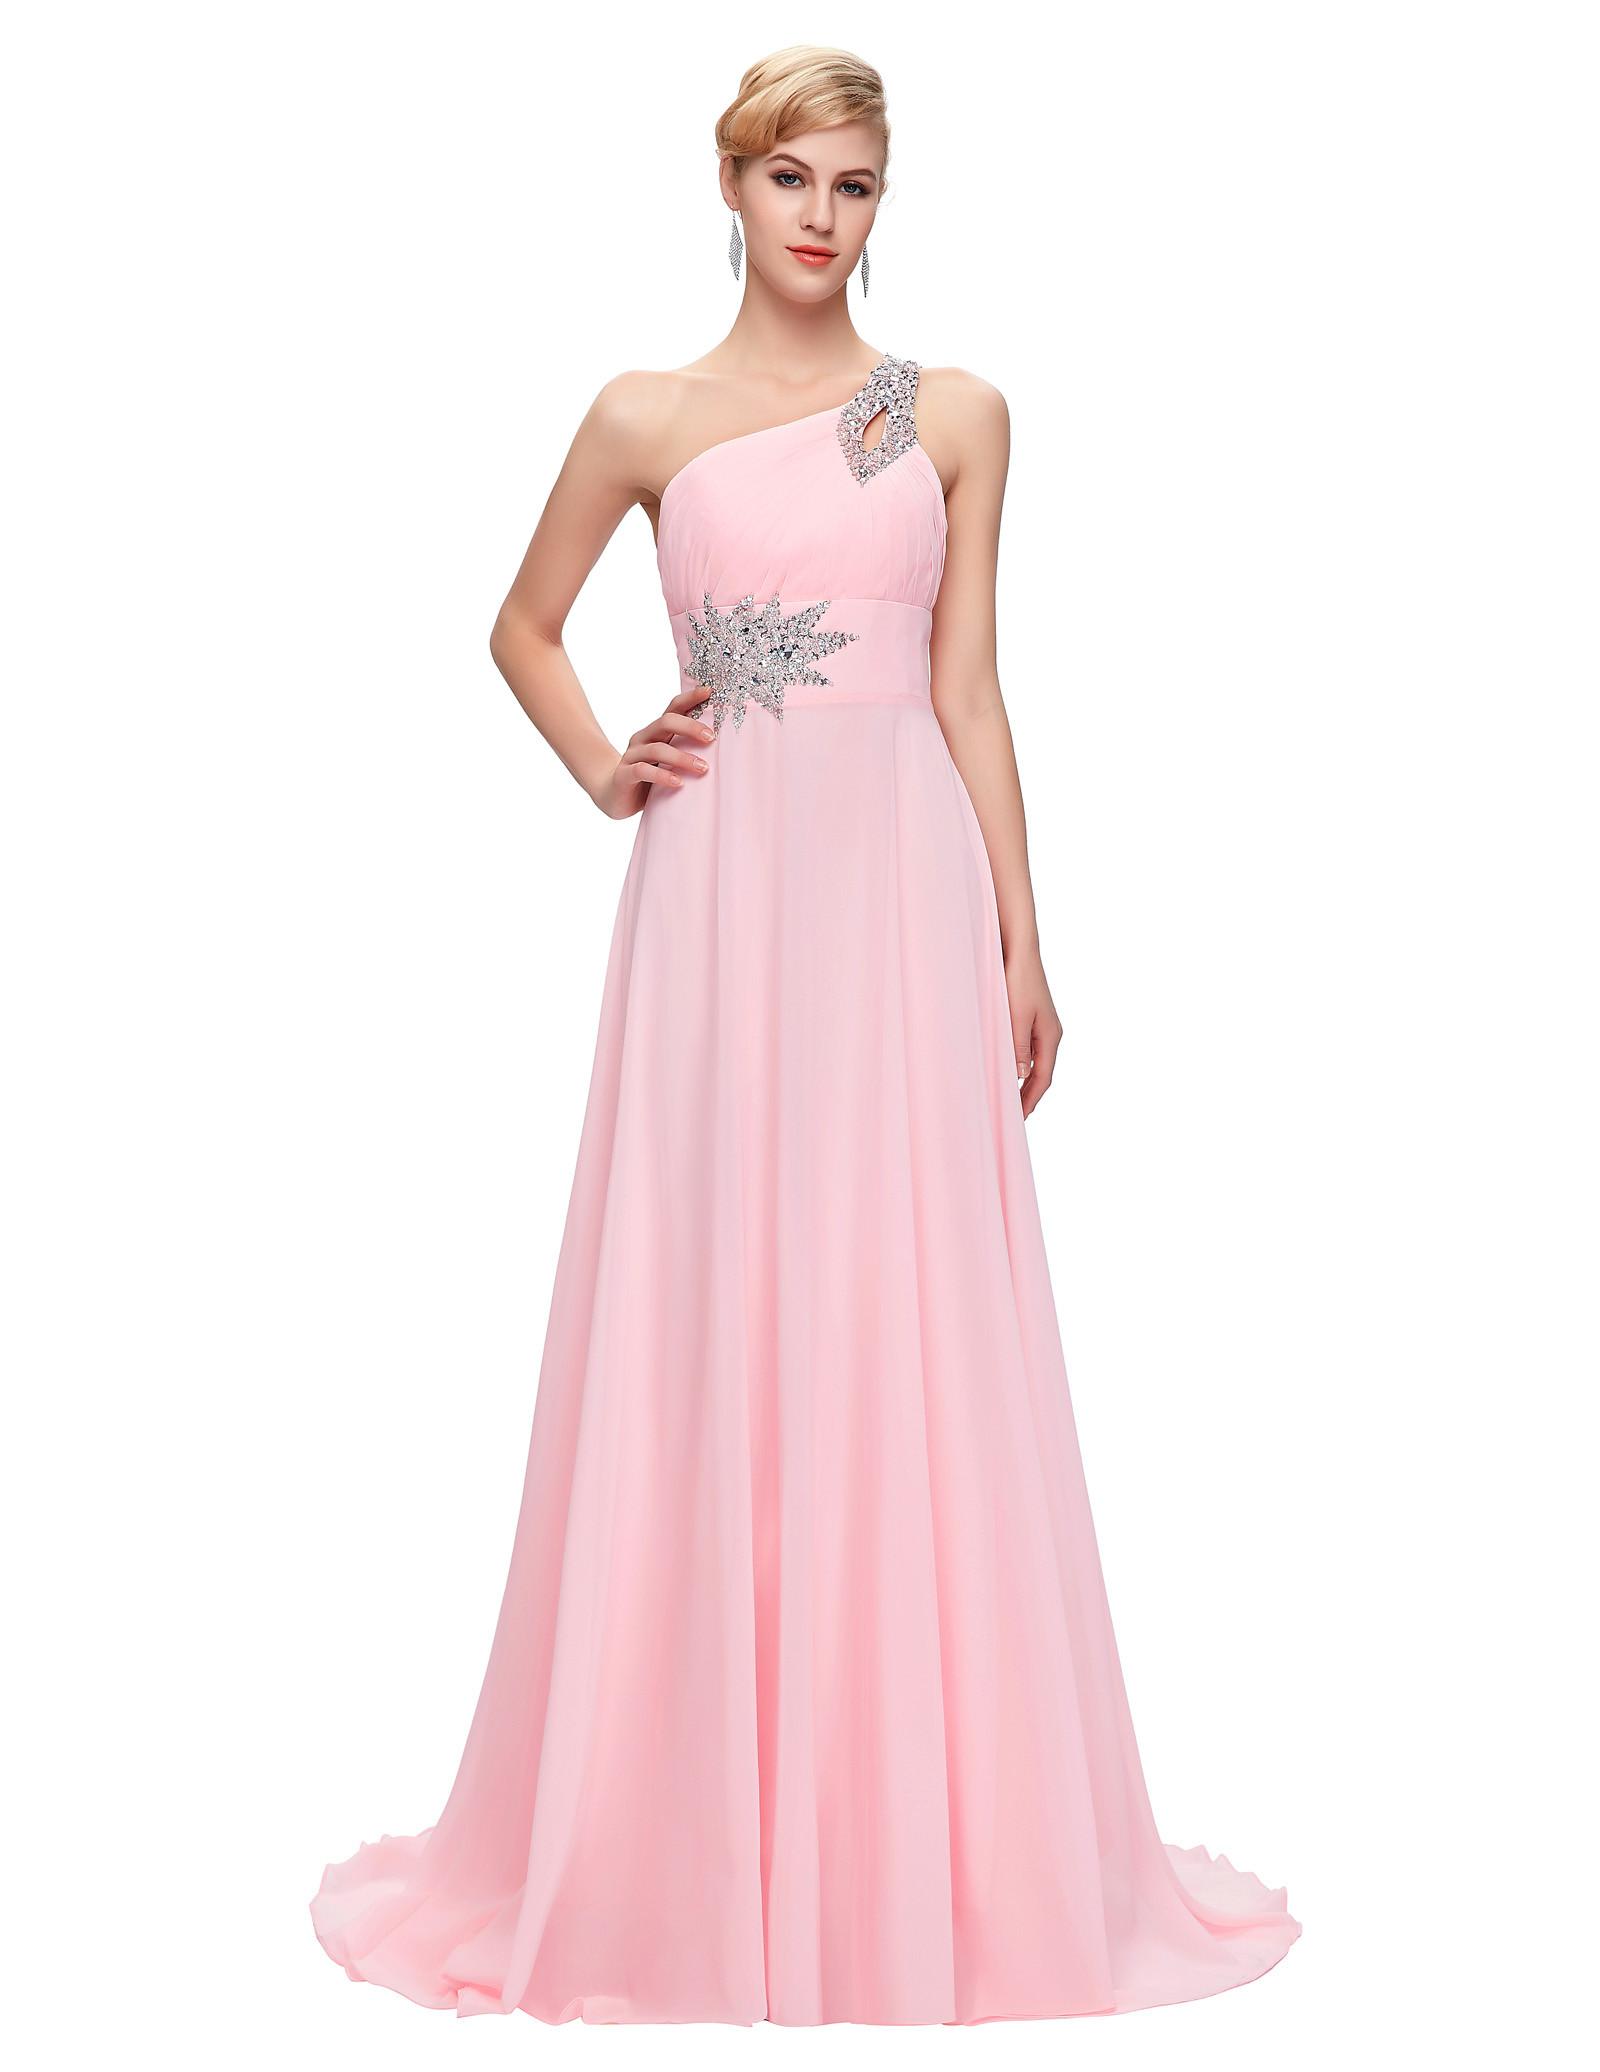 Hochzeit Abendkleid  Damen Lang Hochzeit Abendkleid Brautkleid Cocktailkleid